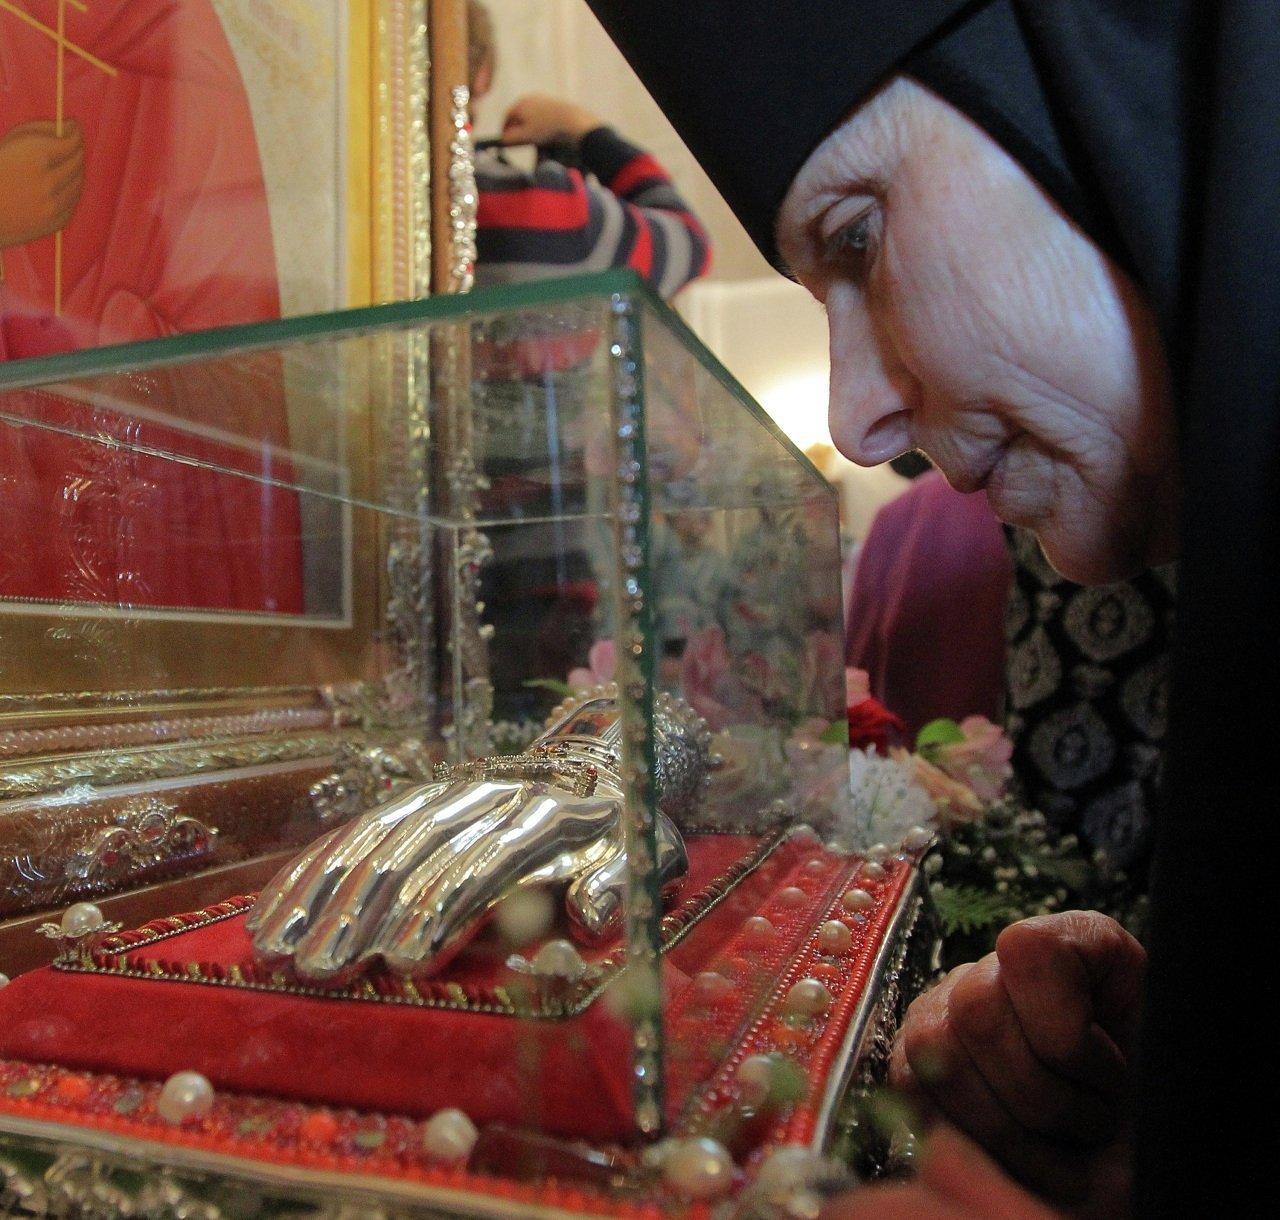 Частицу мощей святого мученика Бонифация доставили в Минск из Греции в драгоценном ковчеге